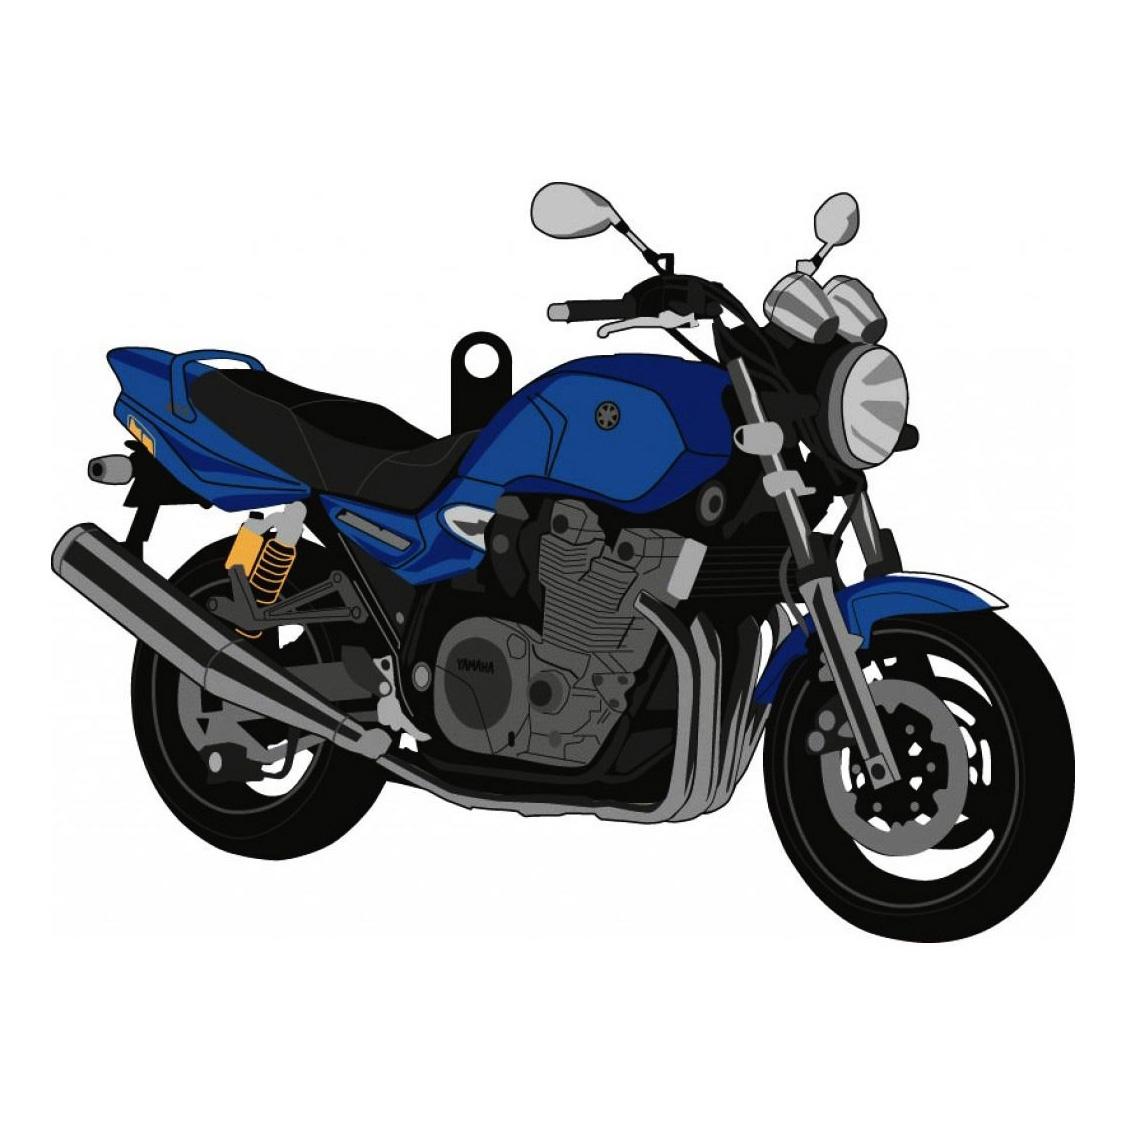 Porte clés Yamaha XJR 1300